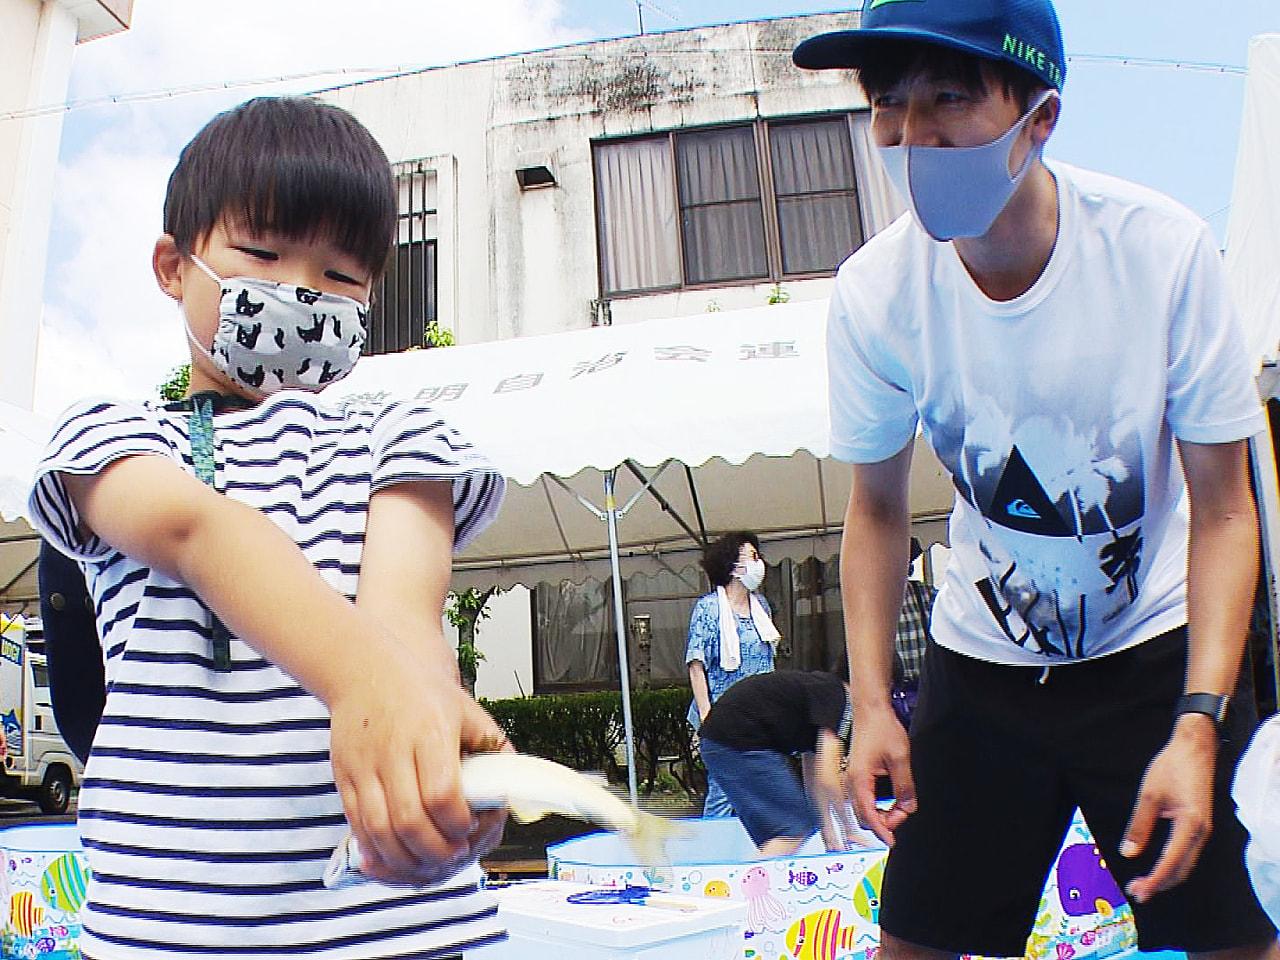 子どもたちが素手でアユを捕まえる「鮎つかみ大会」が岐阜市で開かれ、参加者はプール...